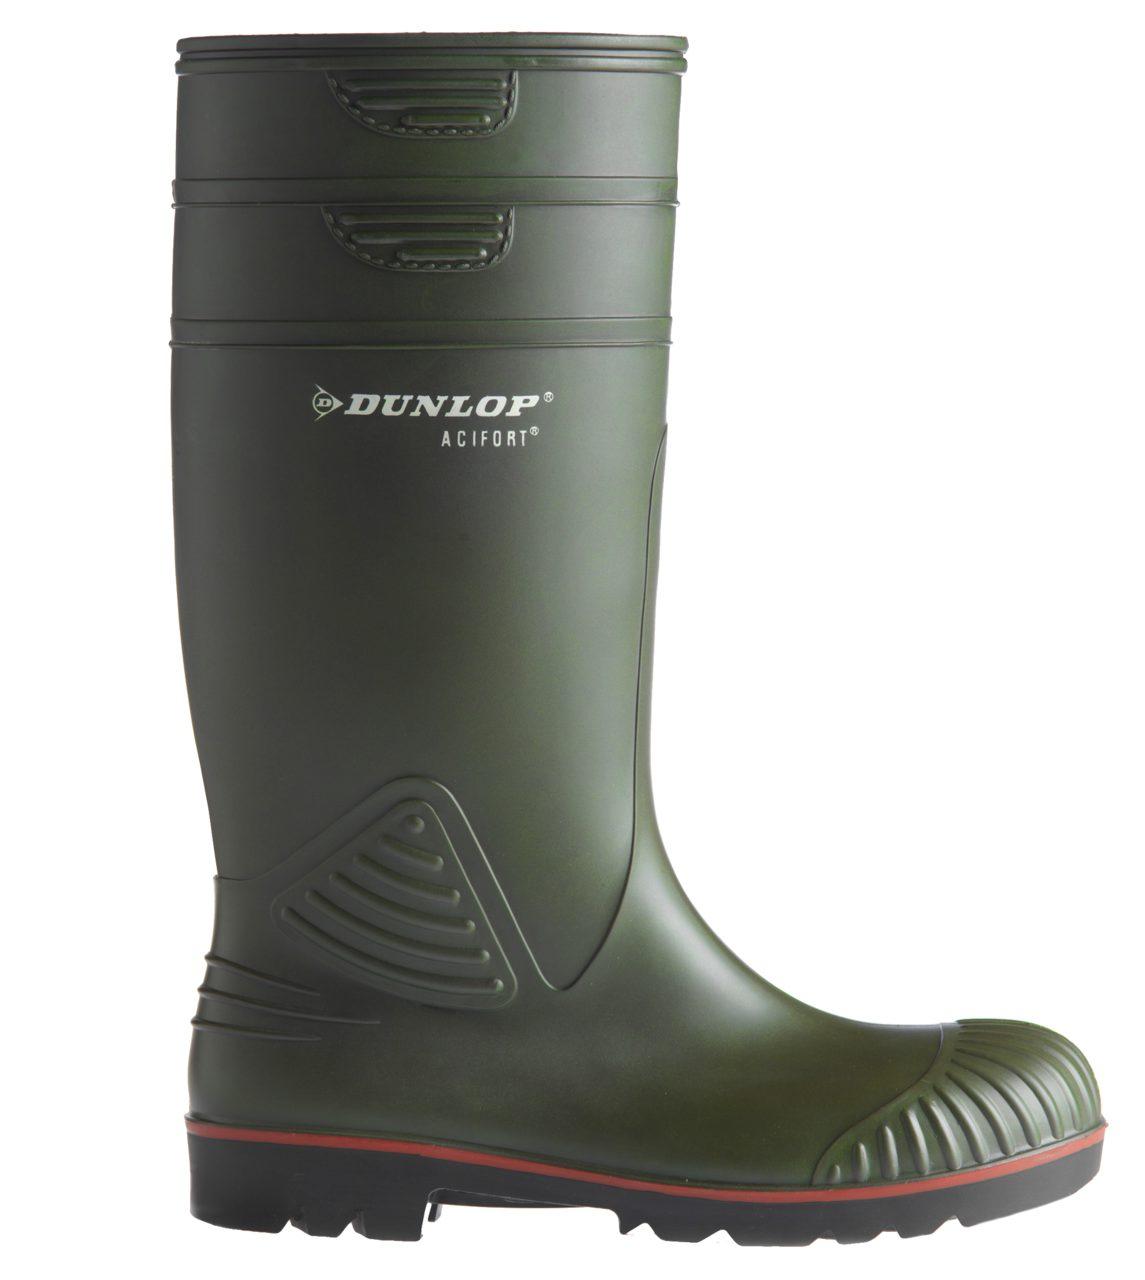 Cizme de protectie Dunlop Acifort S5